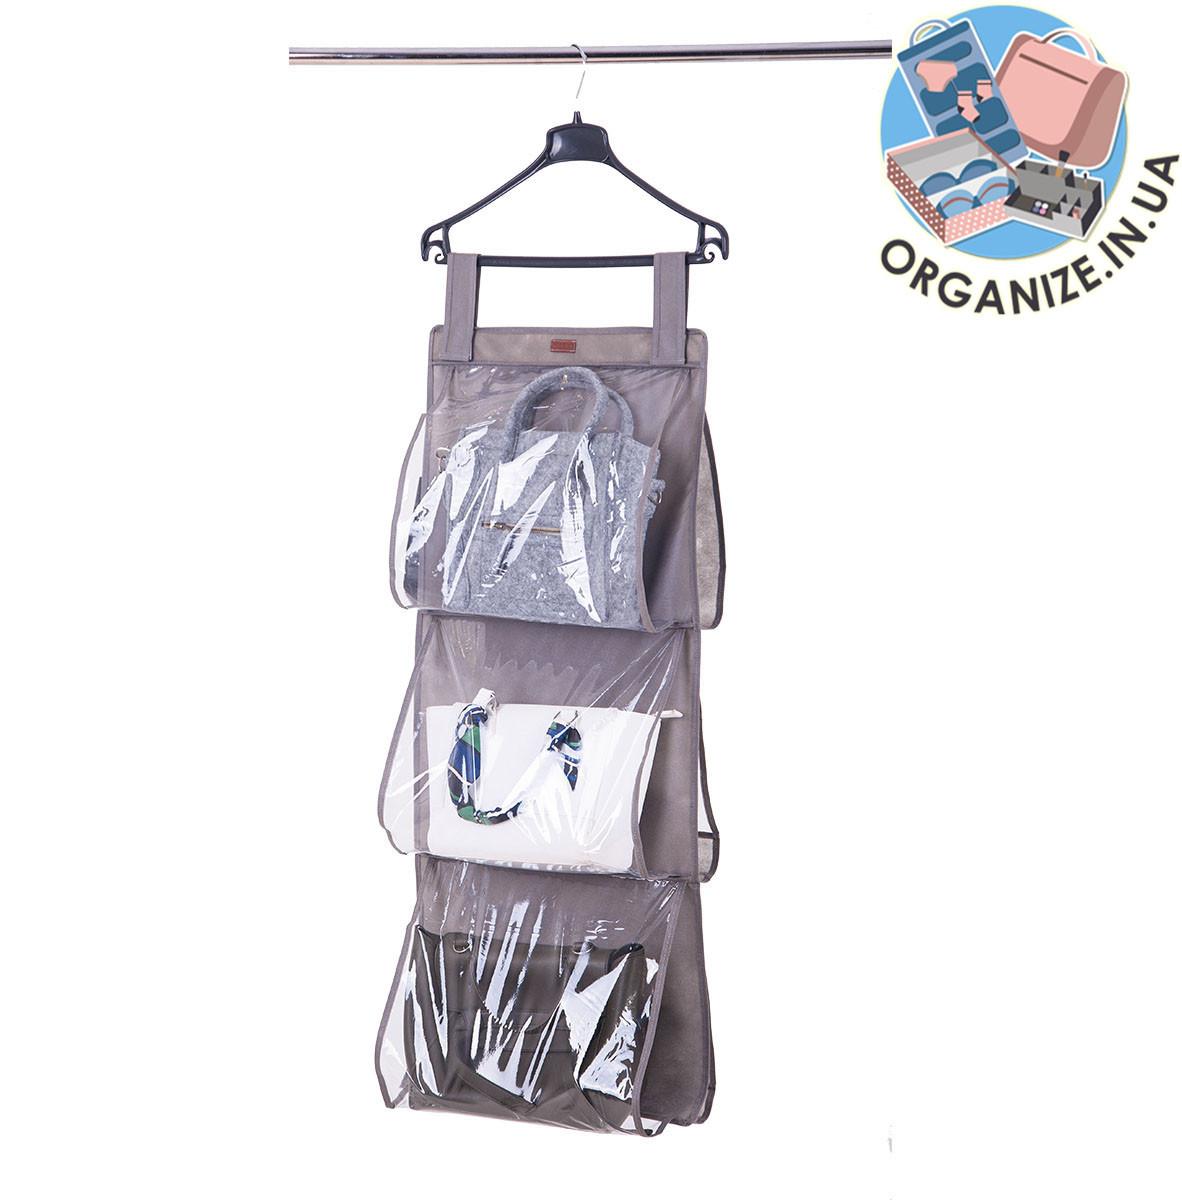 Подвесной органайзер для хранения сумок L ORGANIZE (серый)